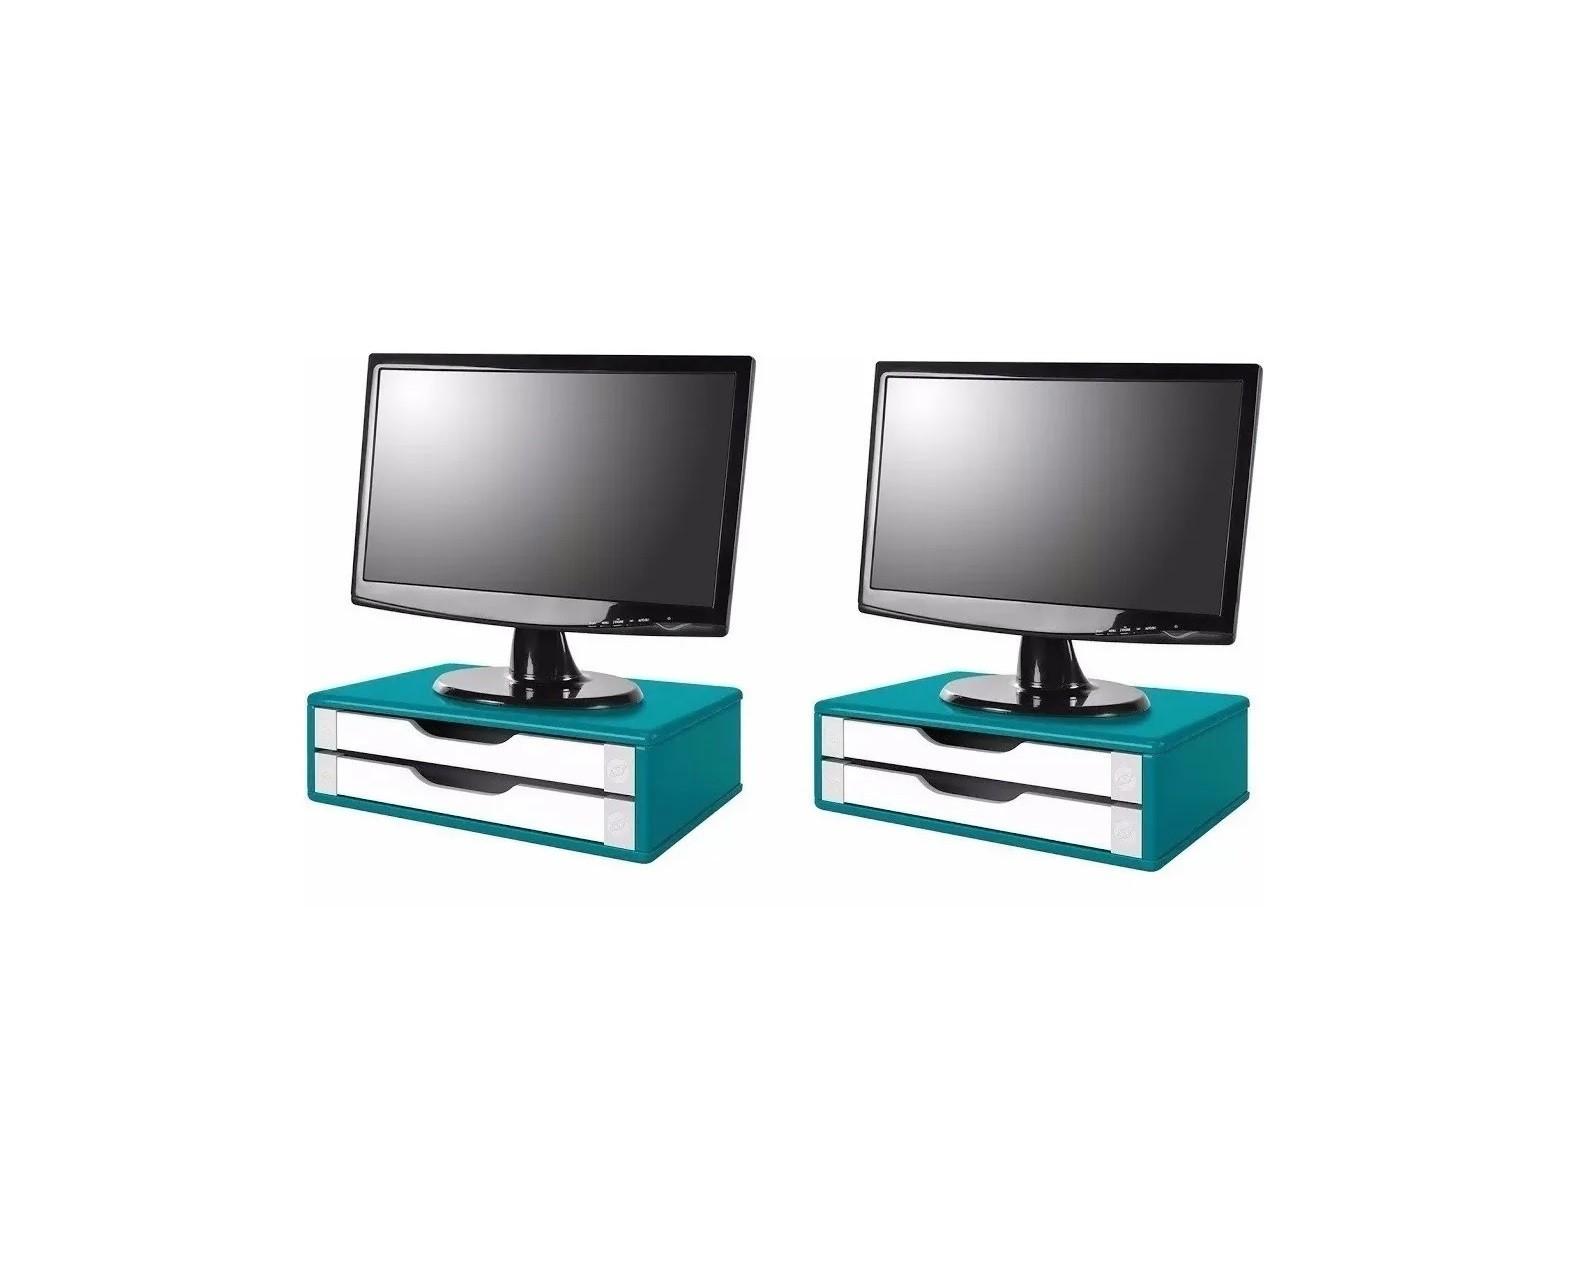 Conj com 2 Suportes Para Monitor em MDF Azul com 2 Gavetas Brancas Souza Referência 3352